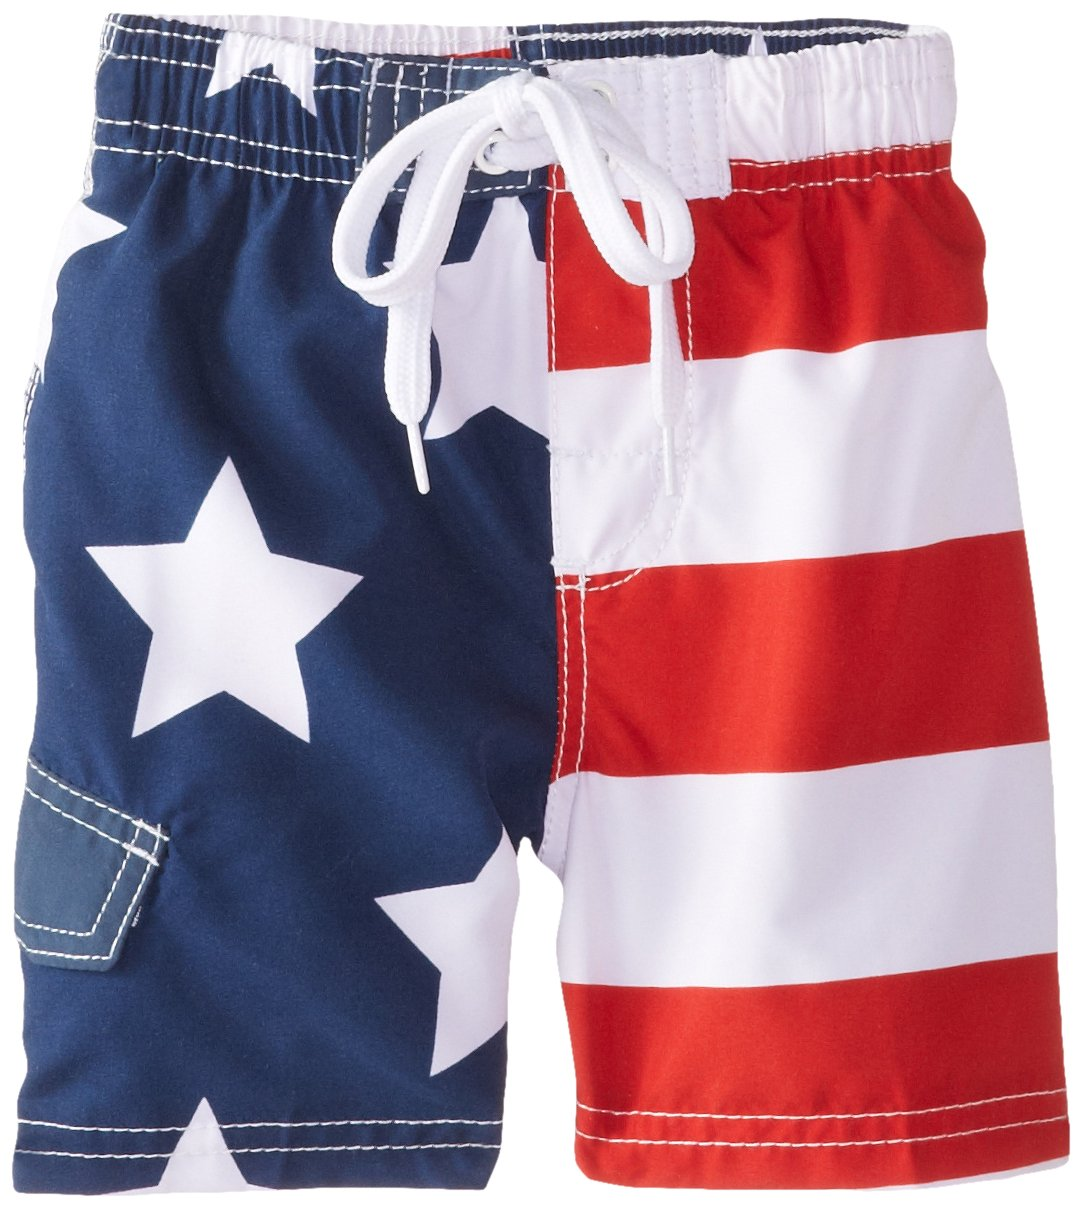 Kanu Surf Boys' American Flag Swim Trunk Kanu Surf Boys 8-20 2447